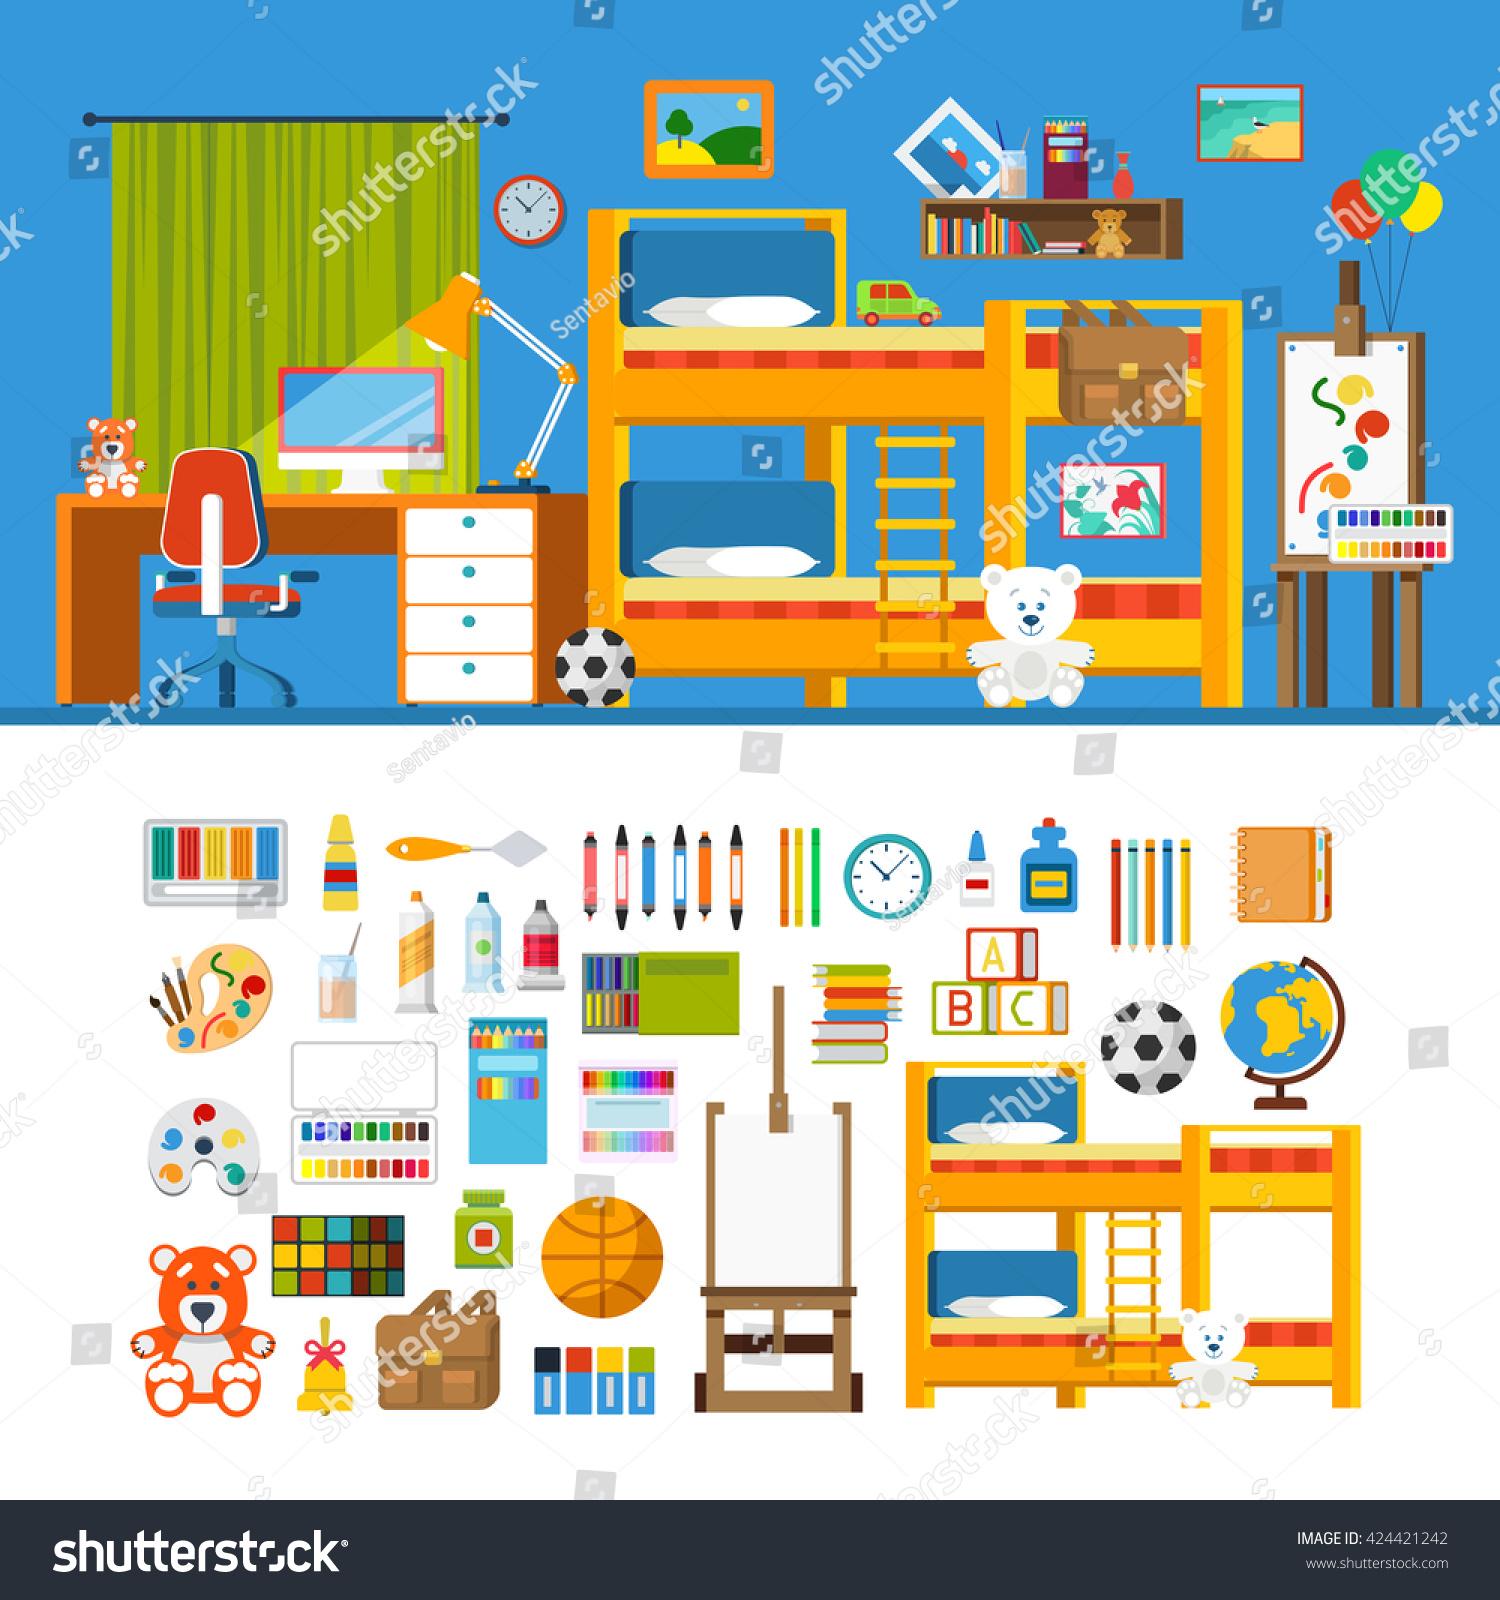 Creative Furniture Icons Set Flat Design Children Room Interior